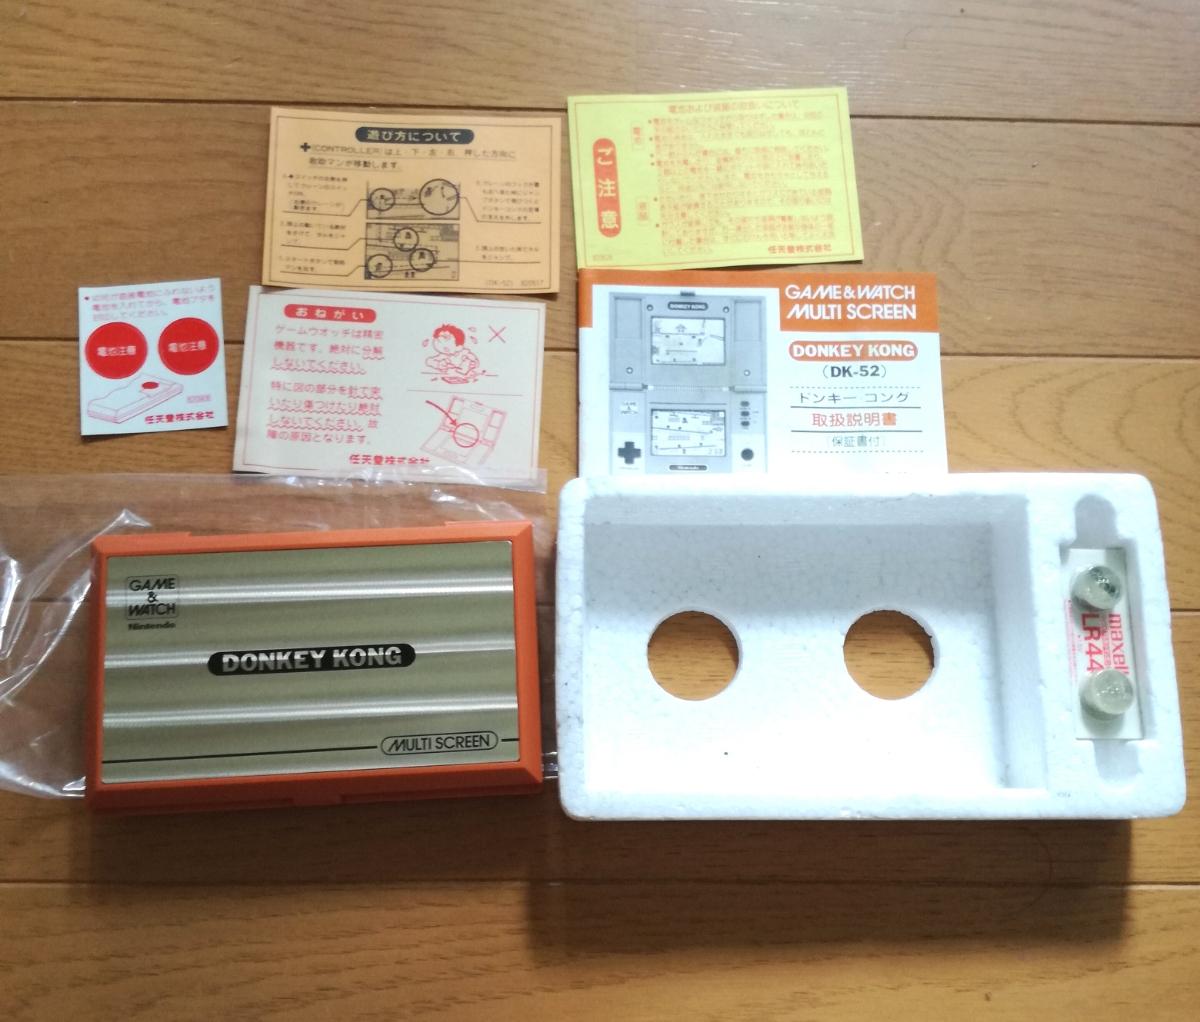 ゲームウォッチ Game & watch ドンキーコング DK 52 任天堂